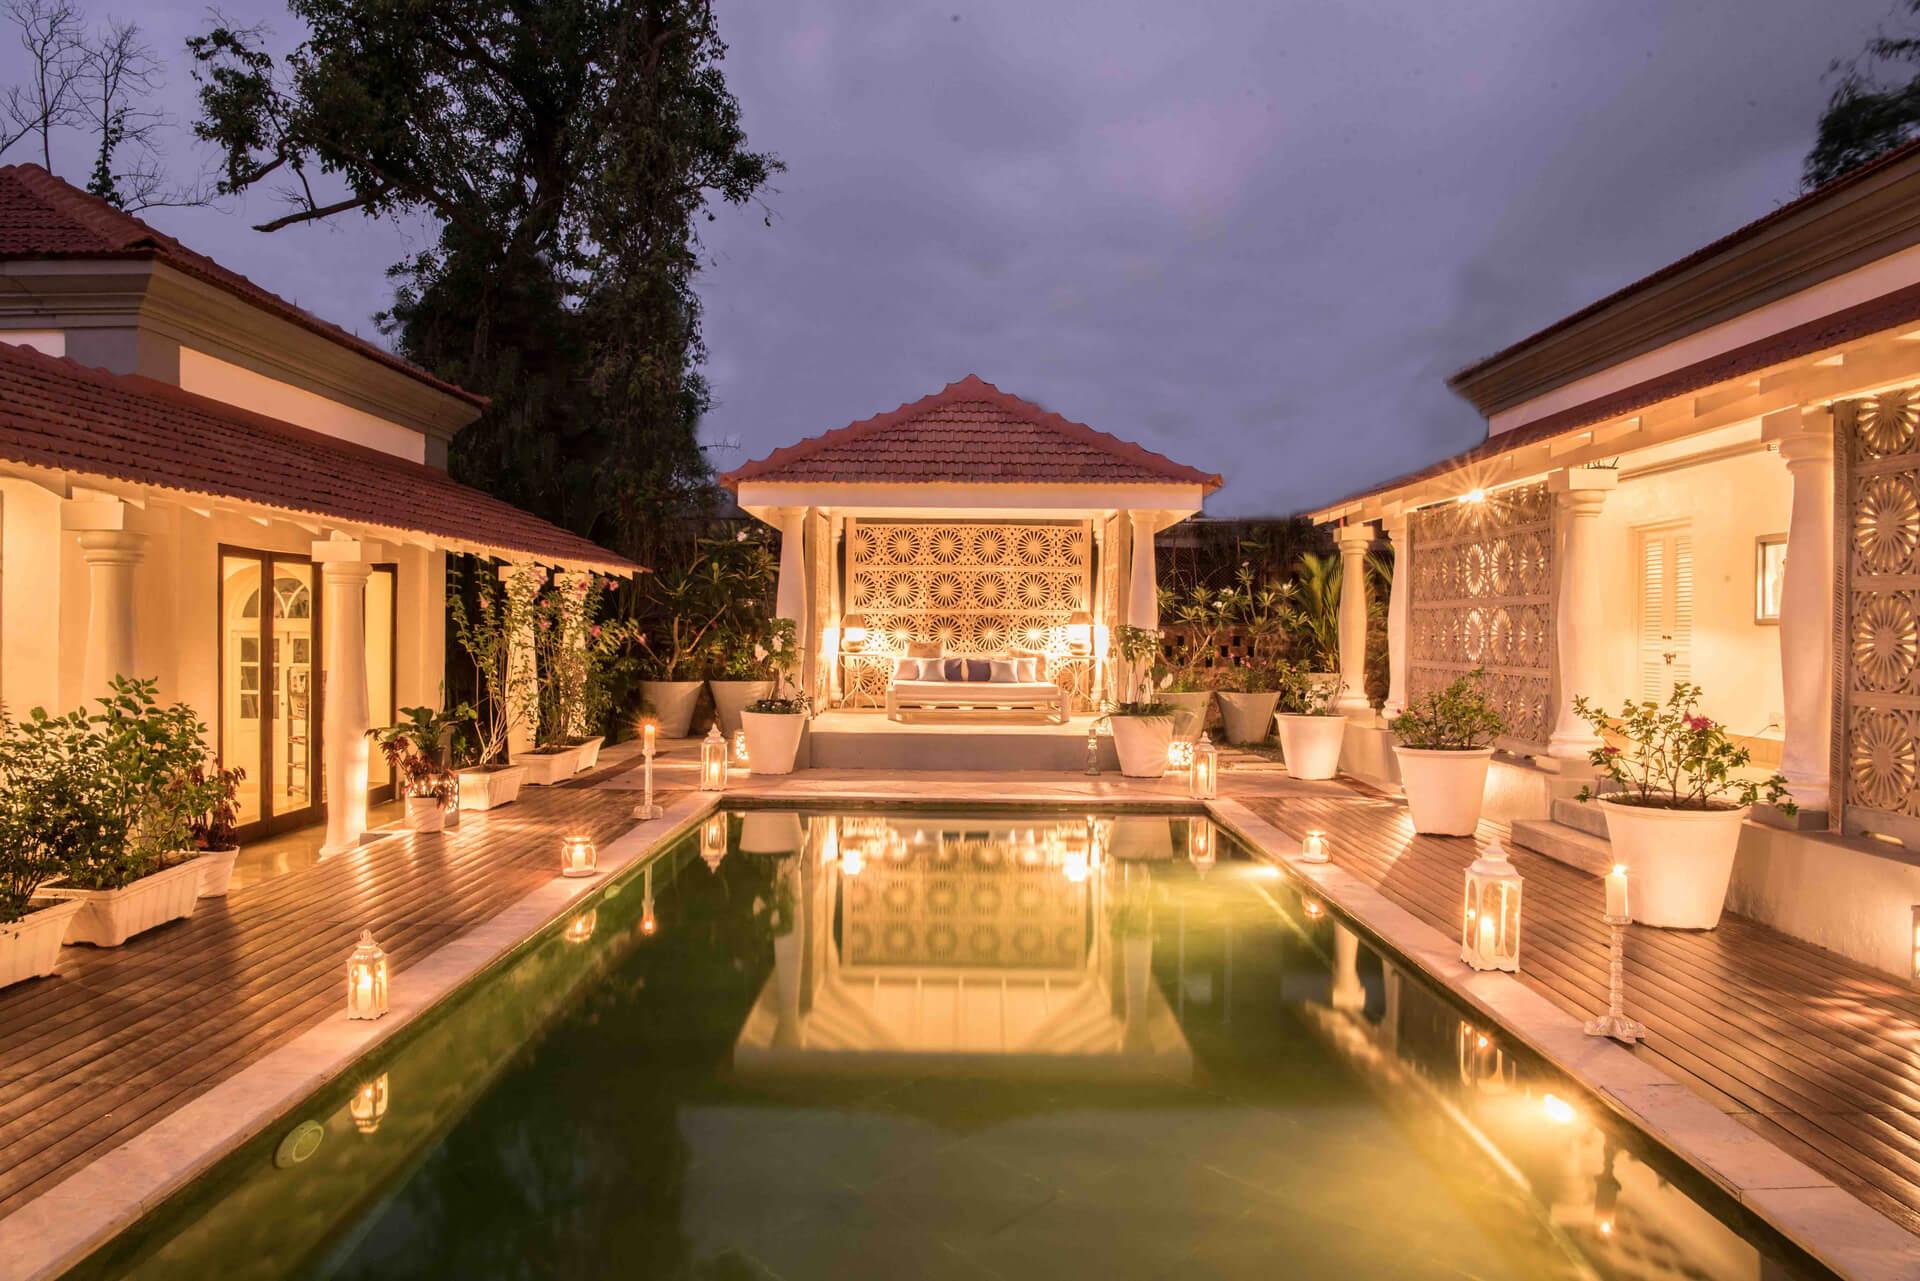 Luxury Pool Villa for Rent in Goa - Villa Branco